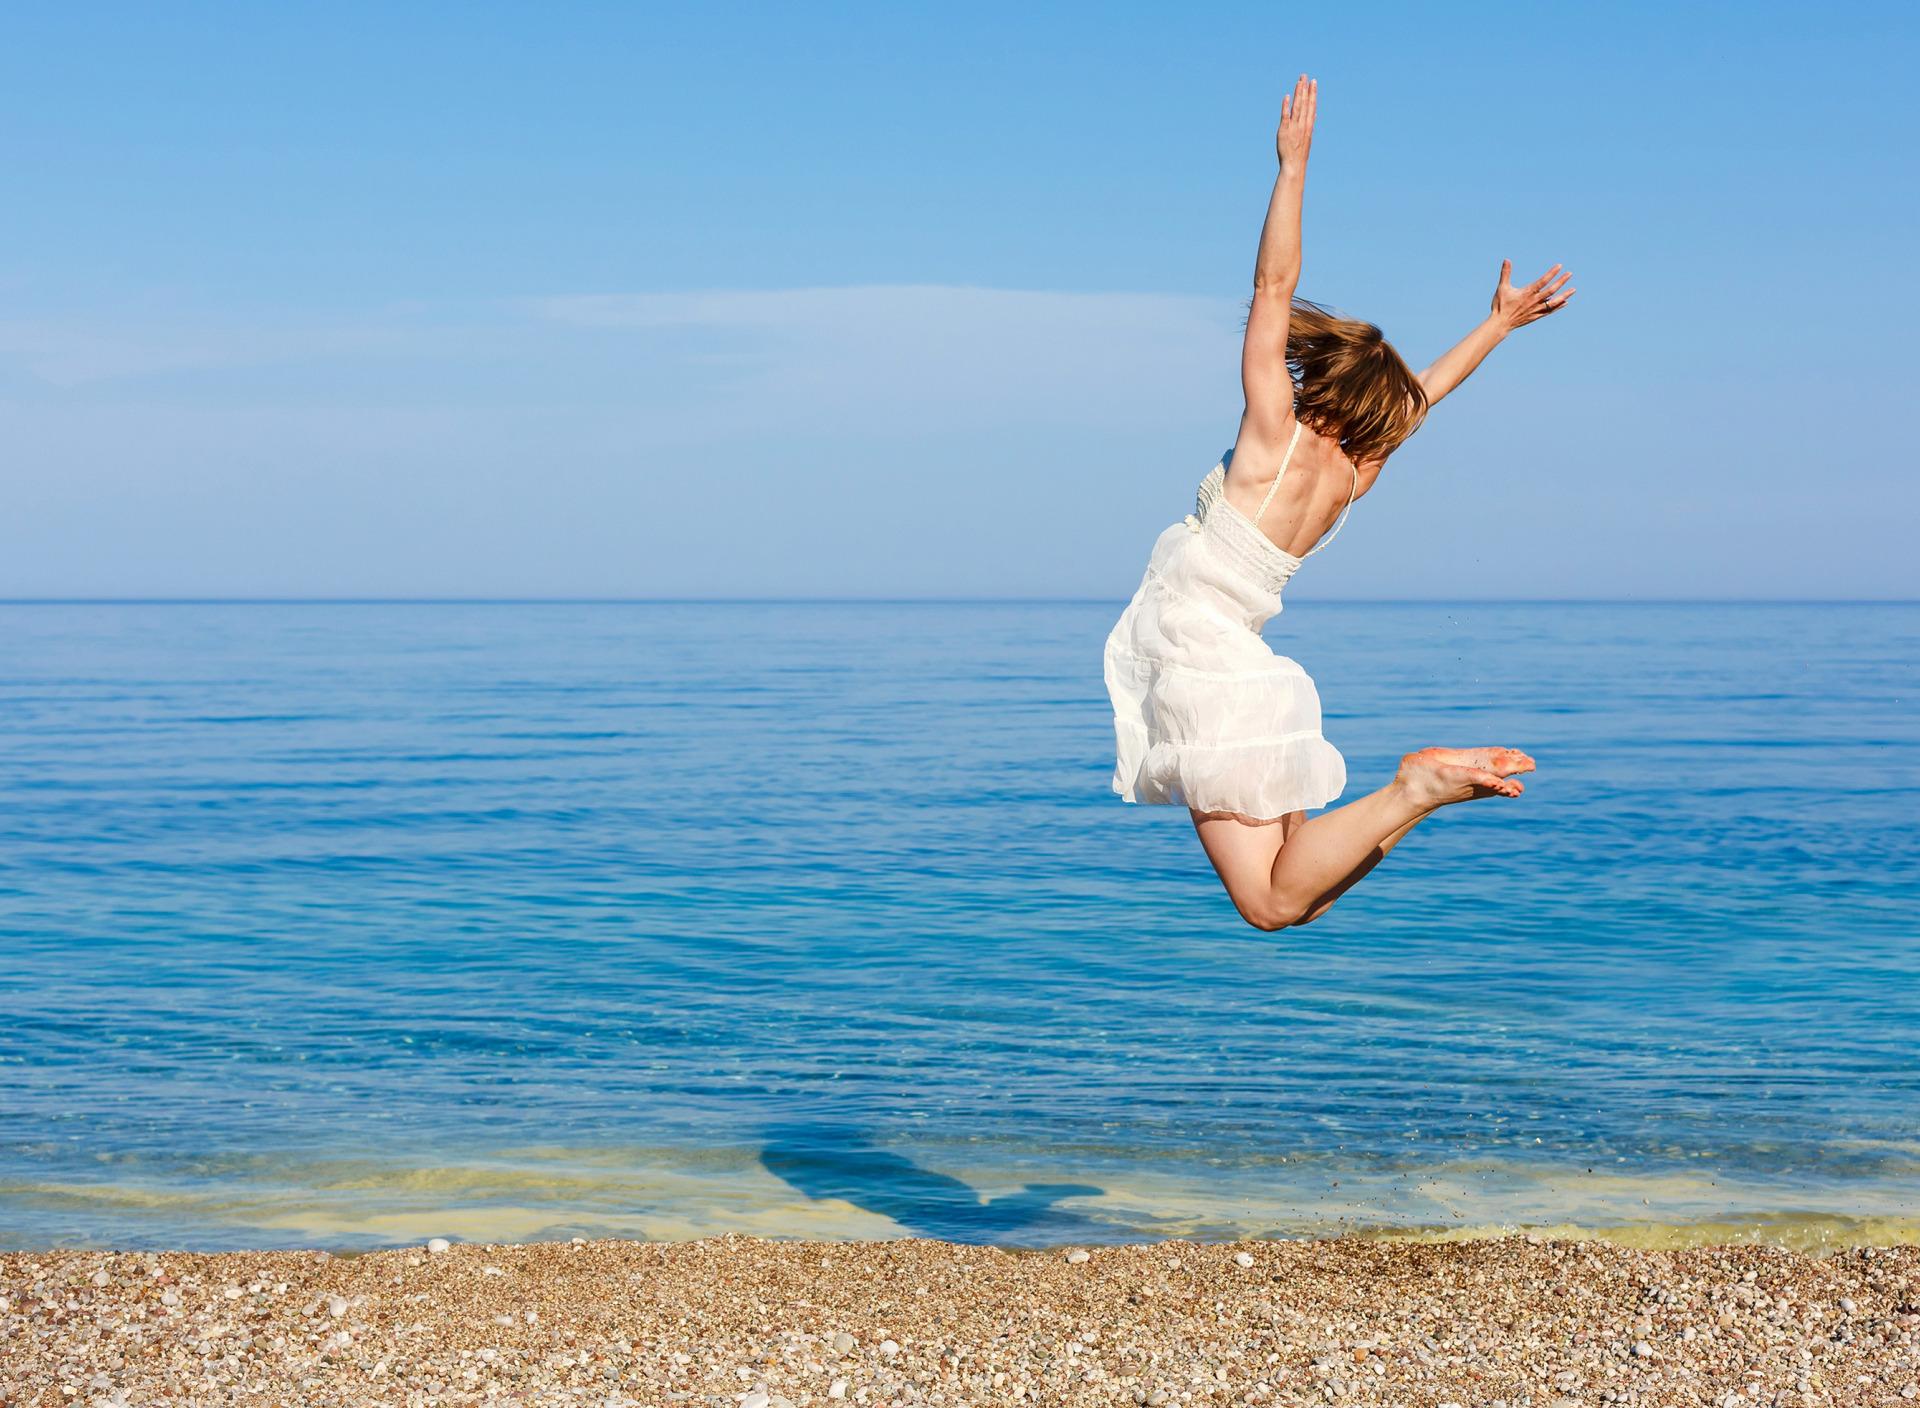 Картинки прыжок радости